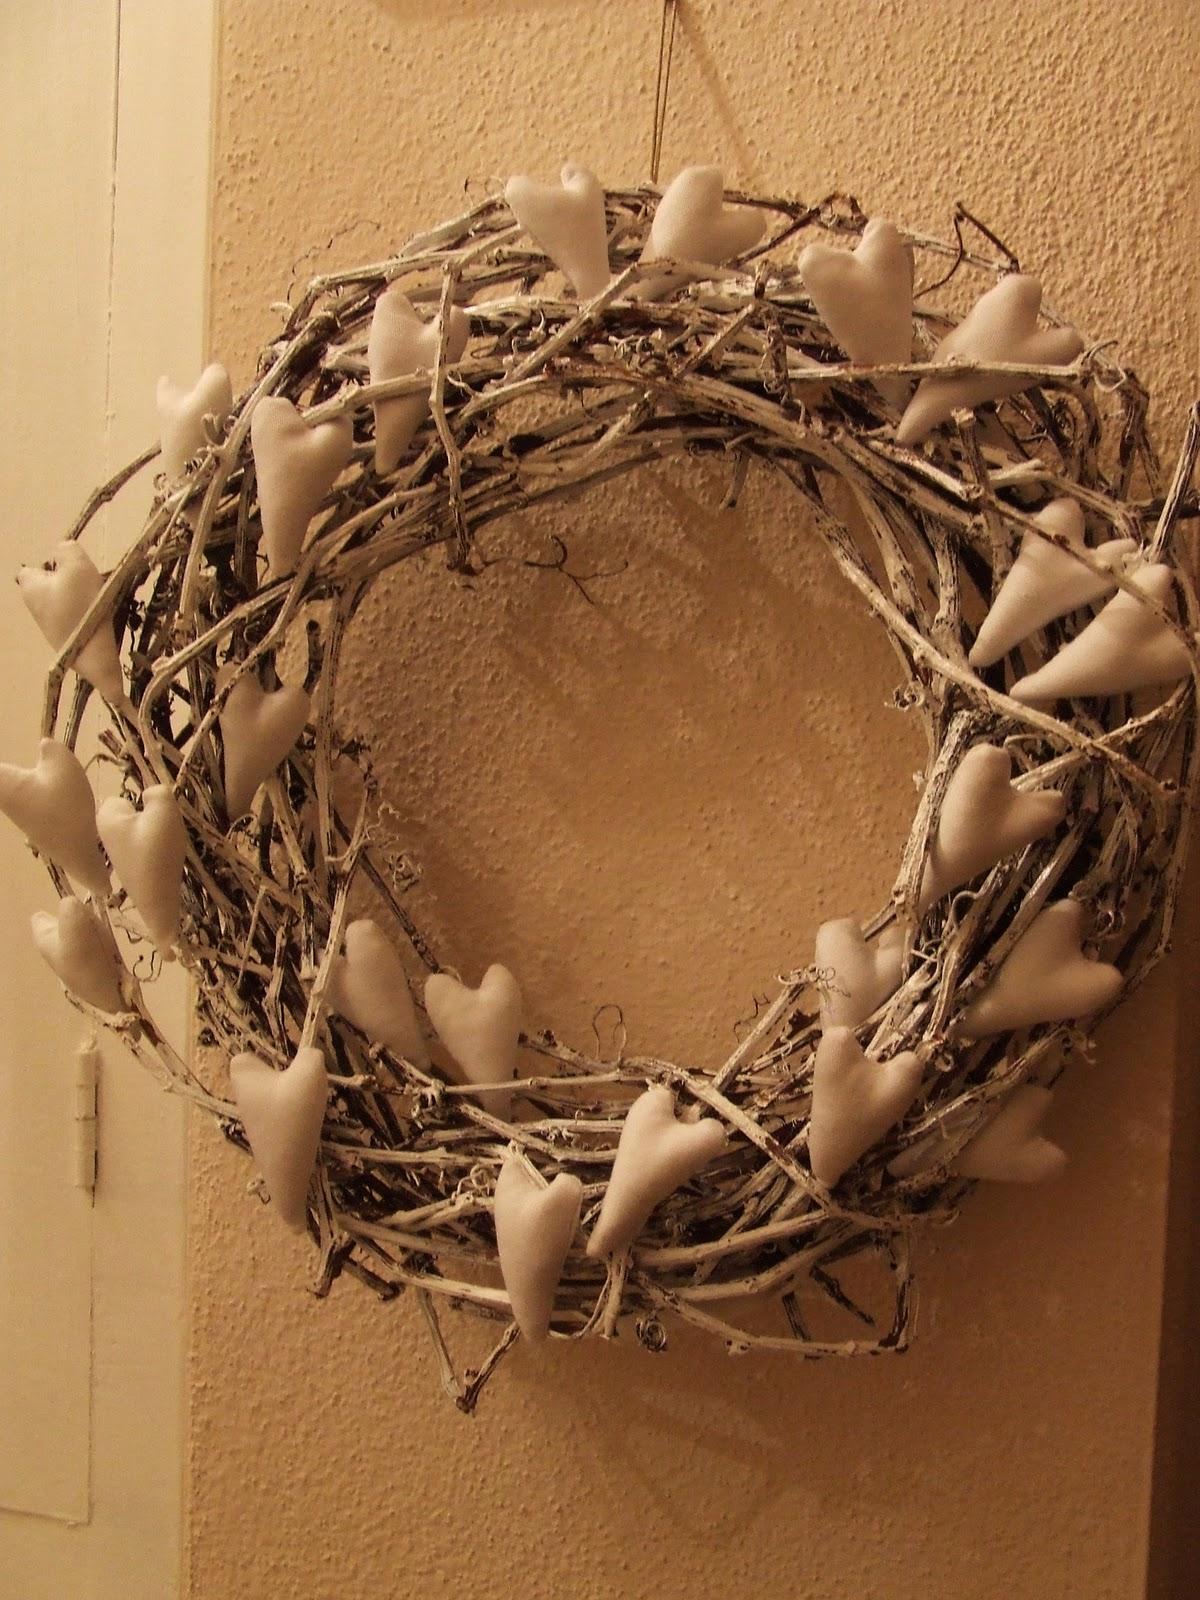 Rose e merletti corone fuoriporta decorazioni da appendere - Corone natalizie da appendere alla porta ...